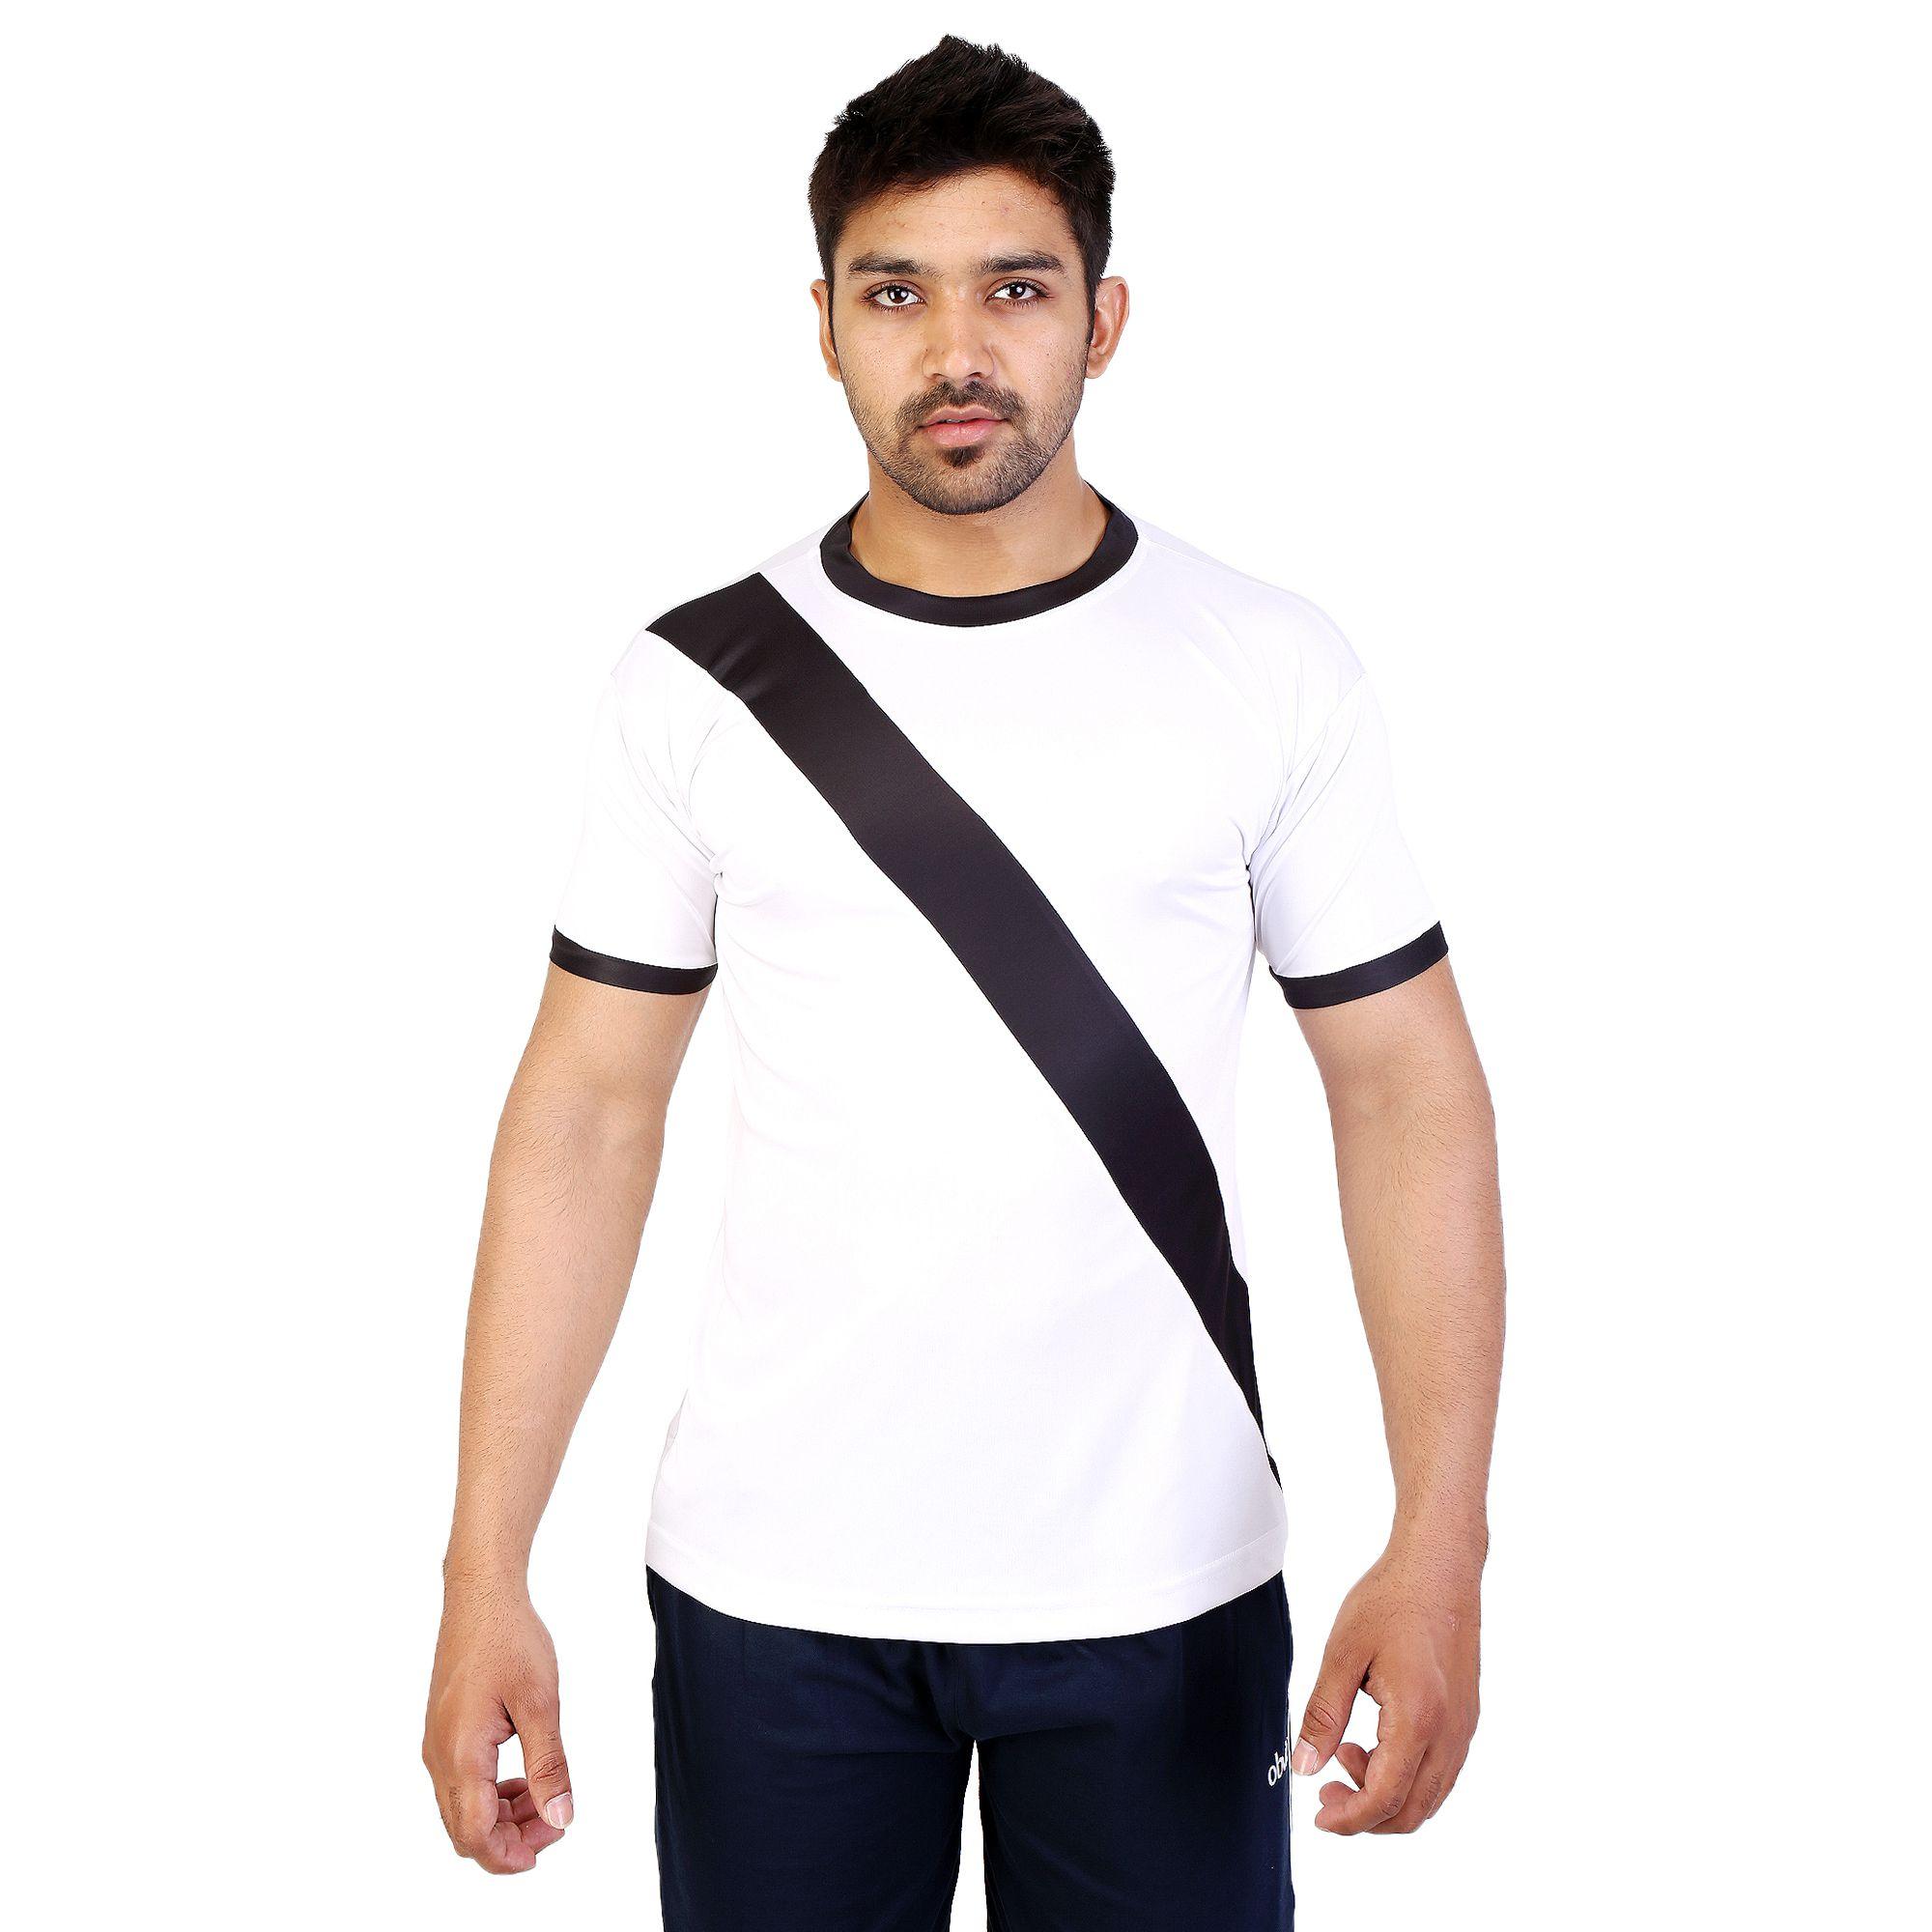 Obvio White T Shirts